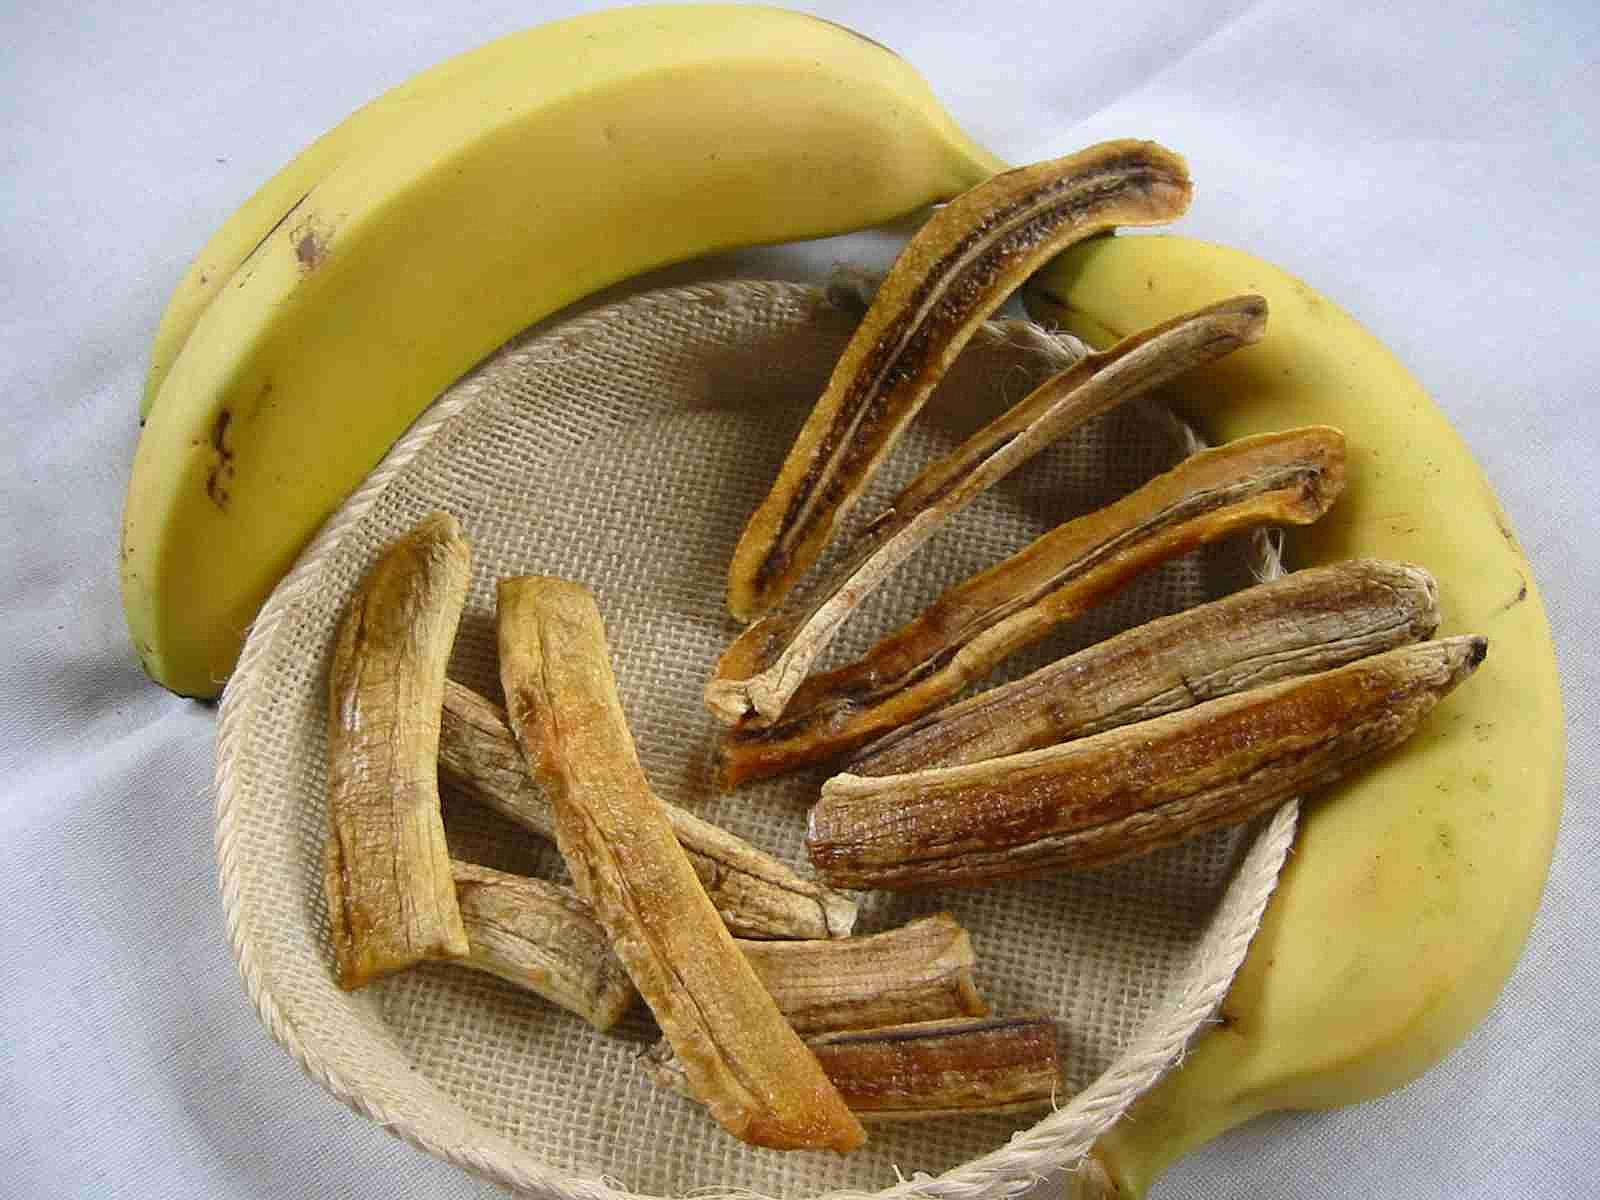 Plátano pancle, de la comida típica de Nayarit